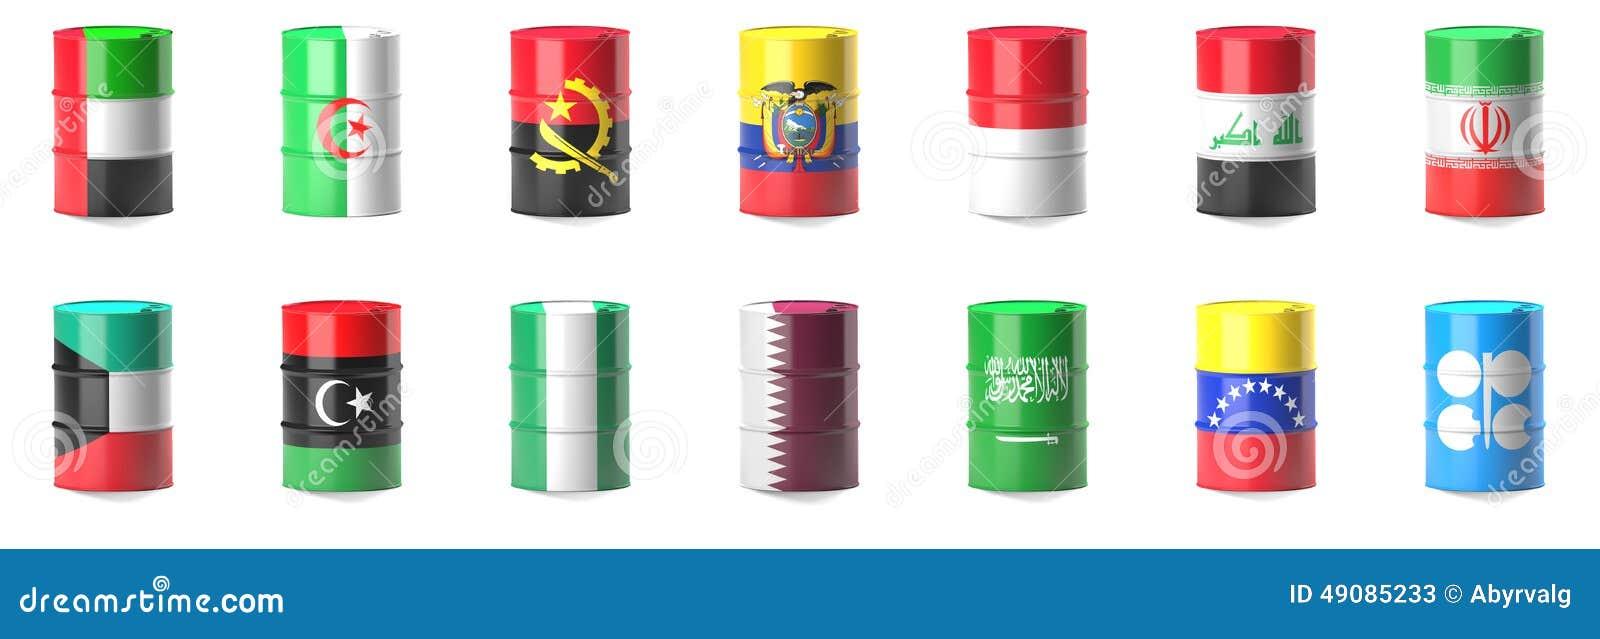 Organisation av oljaexportlandflaggorna